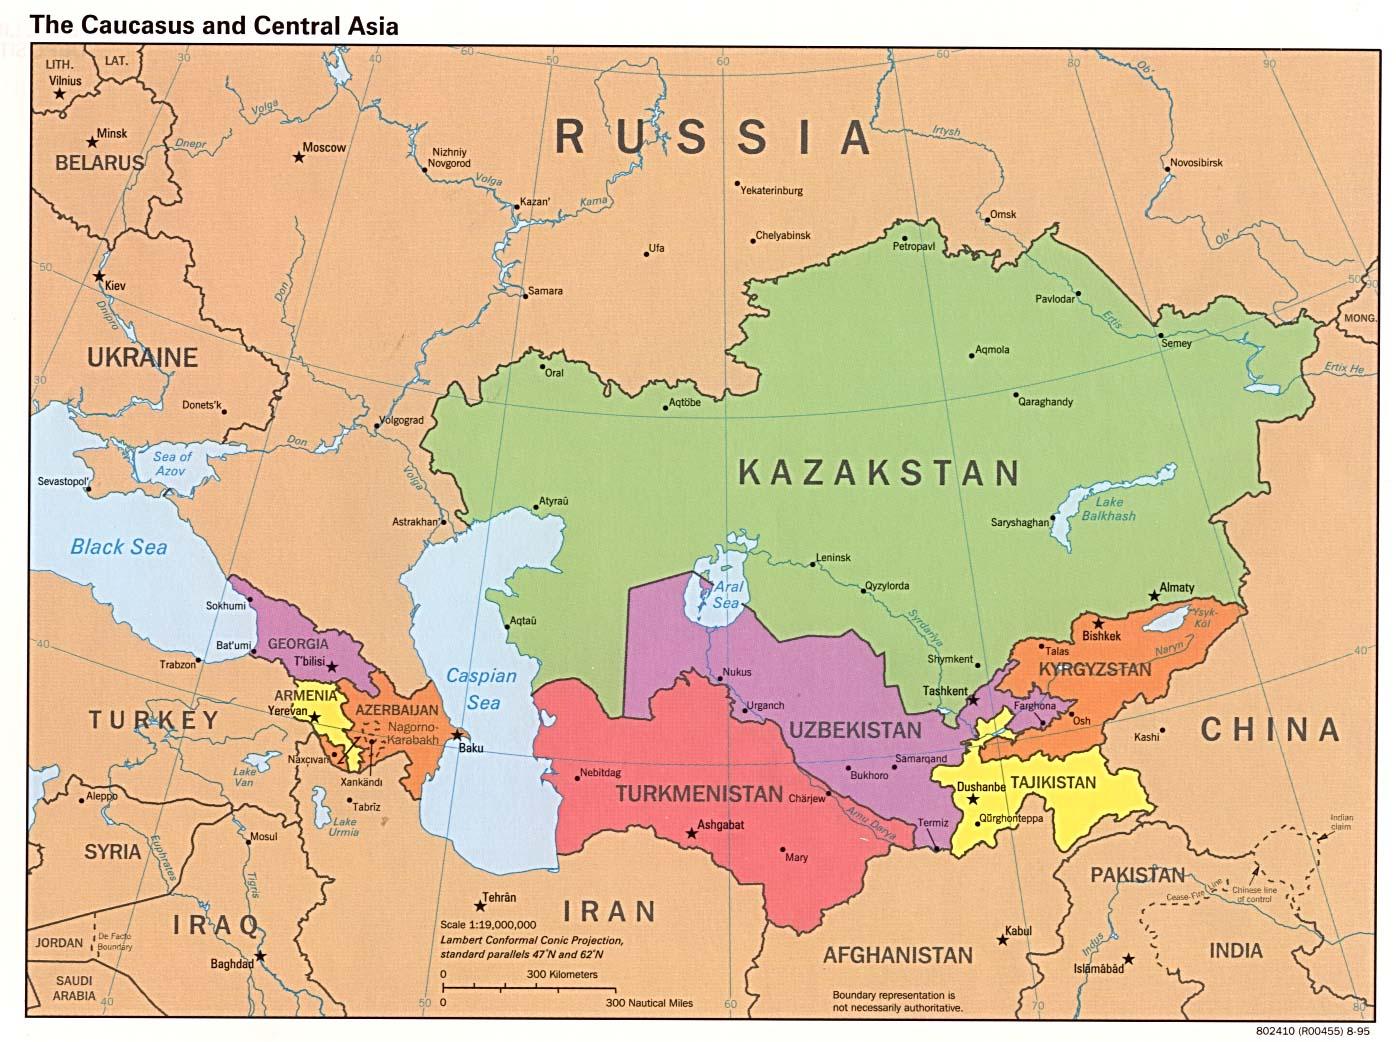 caucasus_cntrl_asia_pol_95